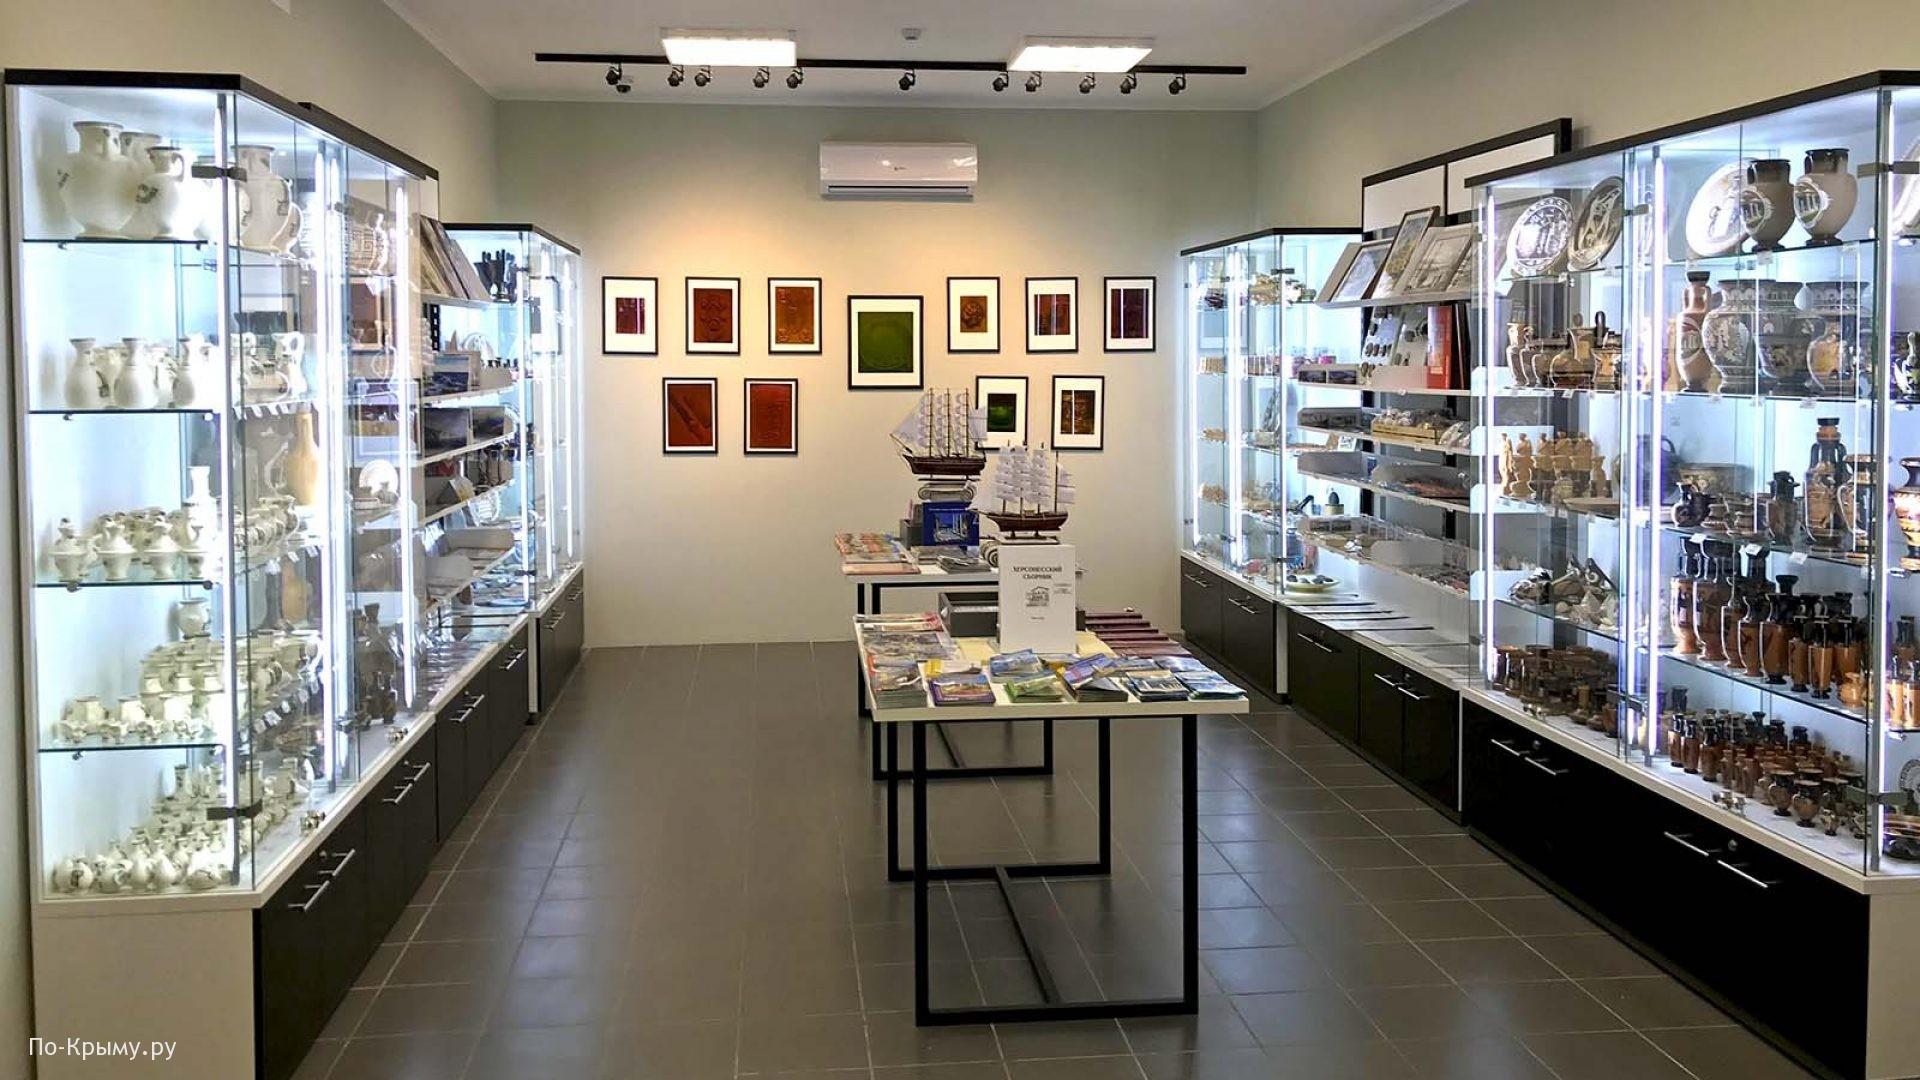 Выставка голограмм в Херсонесе